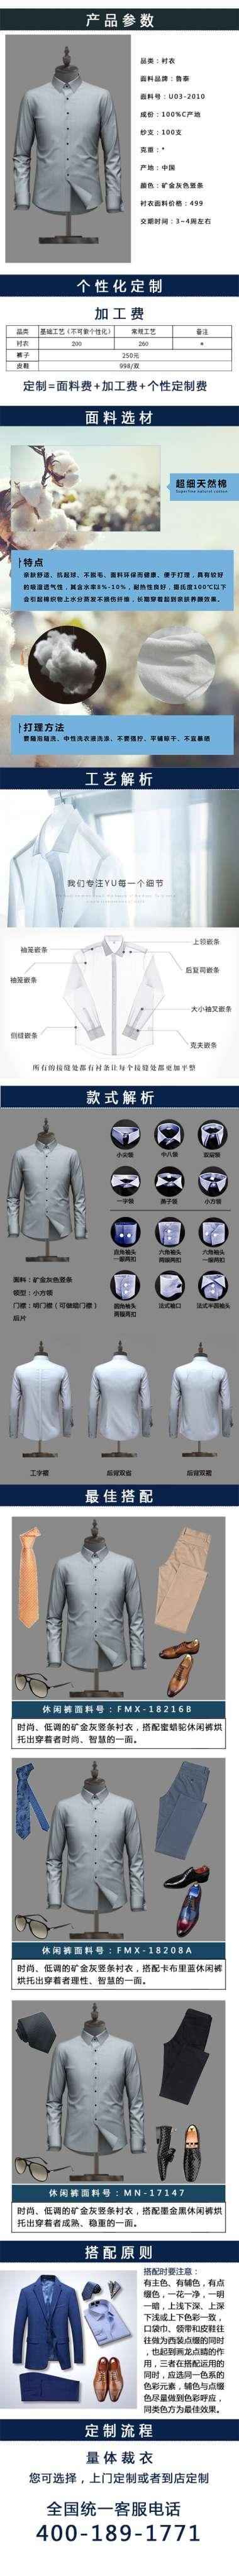 U03-2010 (2).jpg